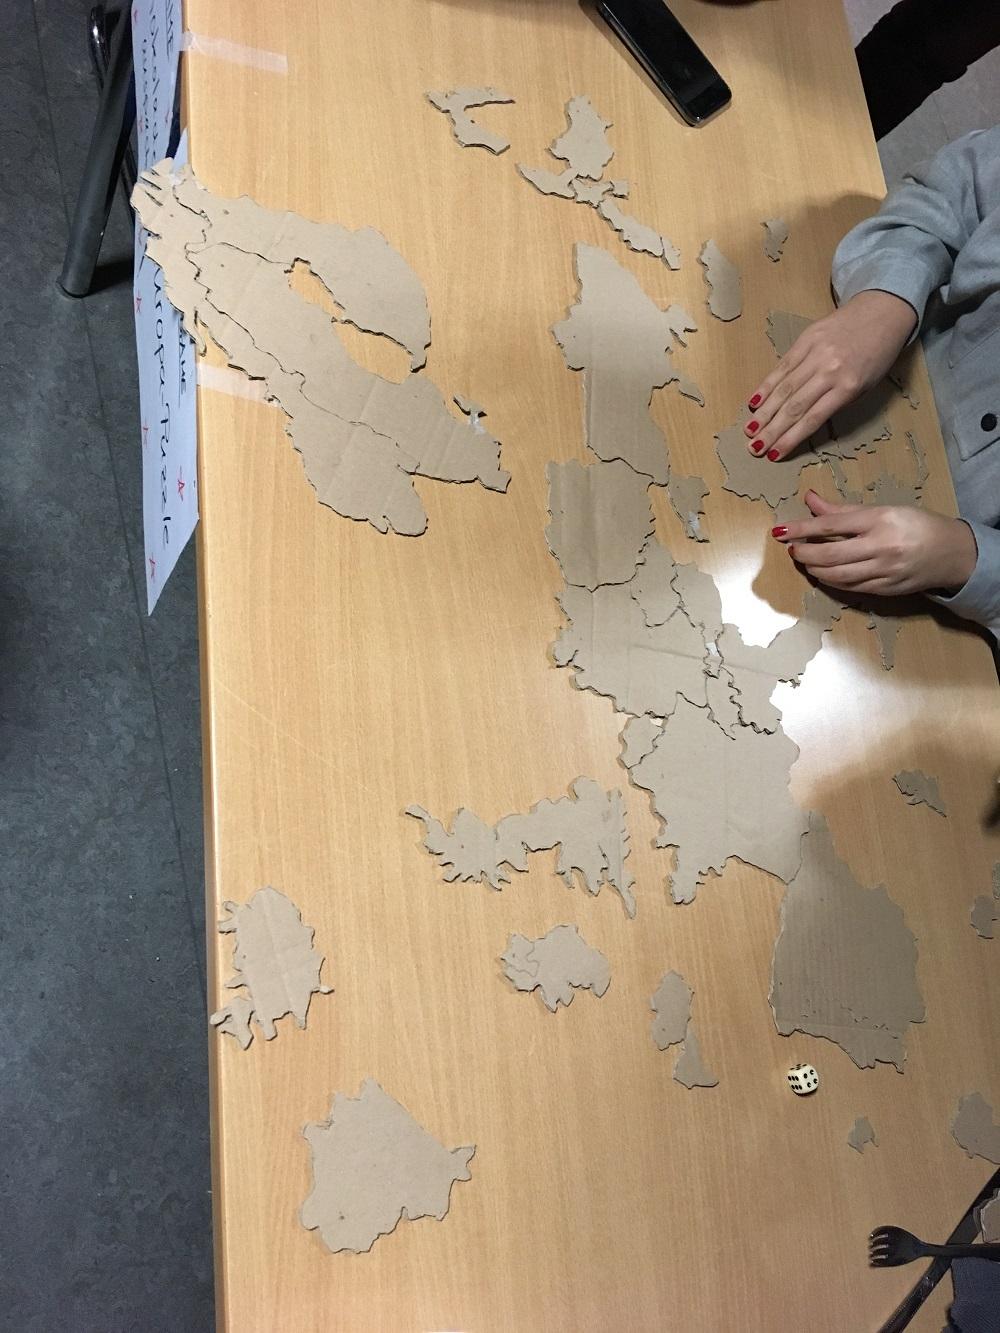 Jemand versucht, das Europa-Puzzle zu lösen.